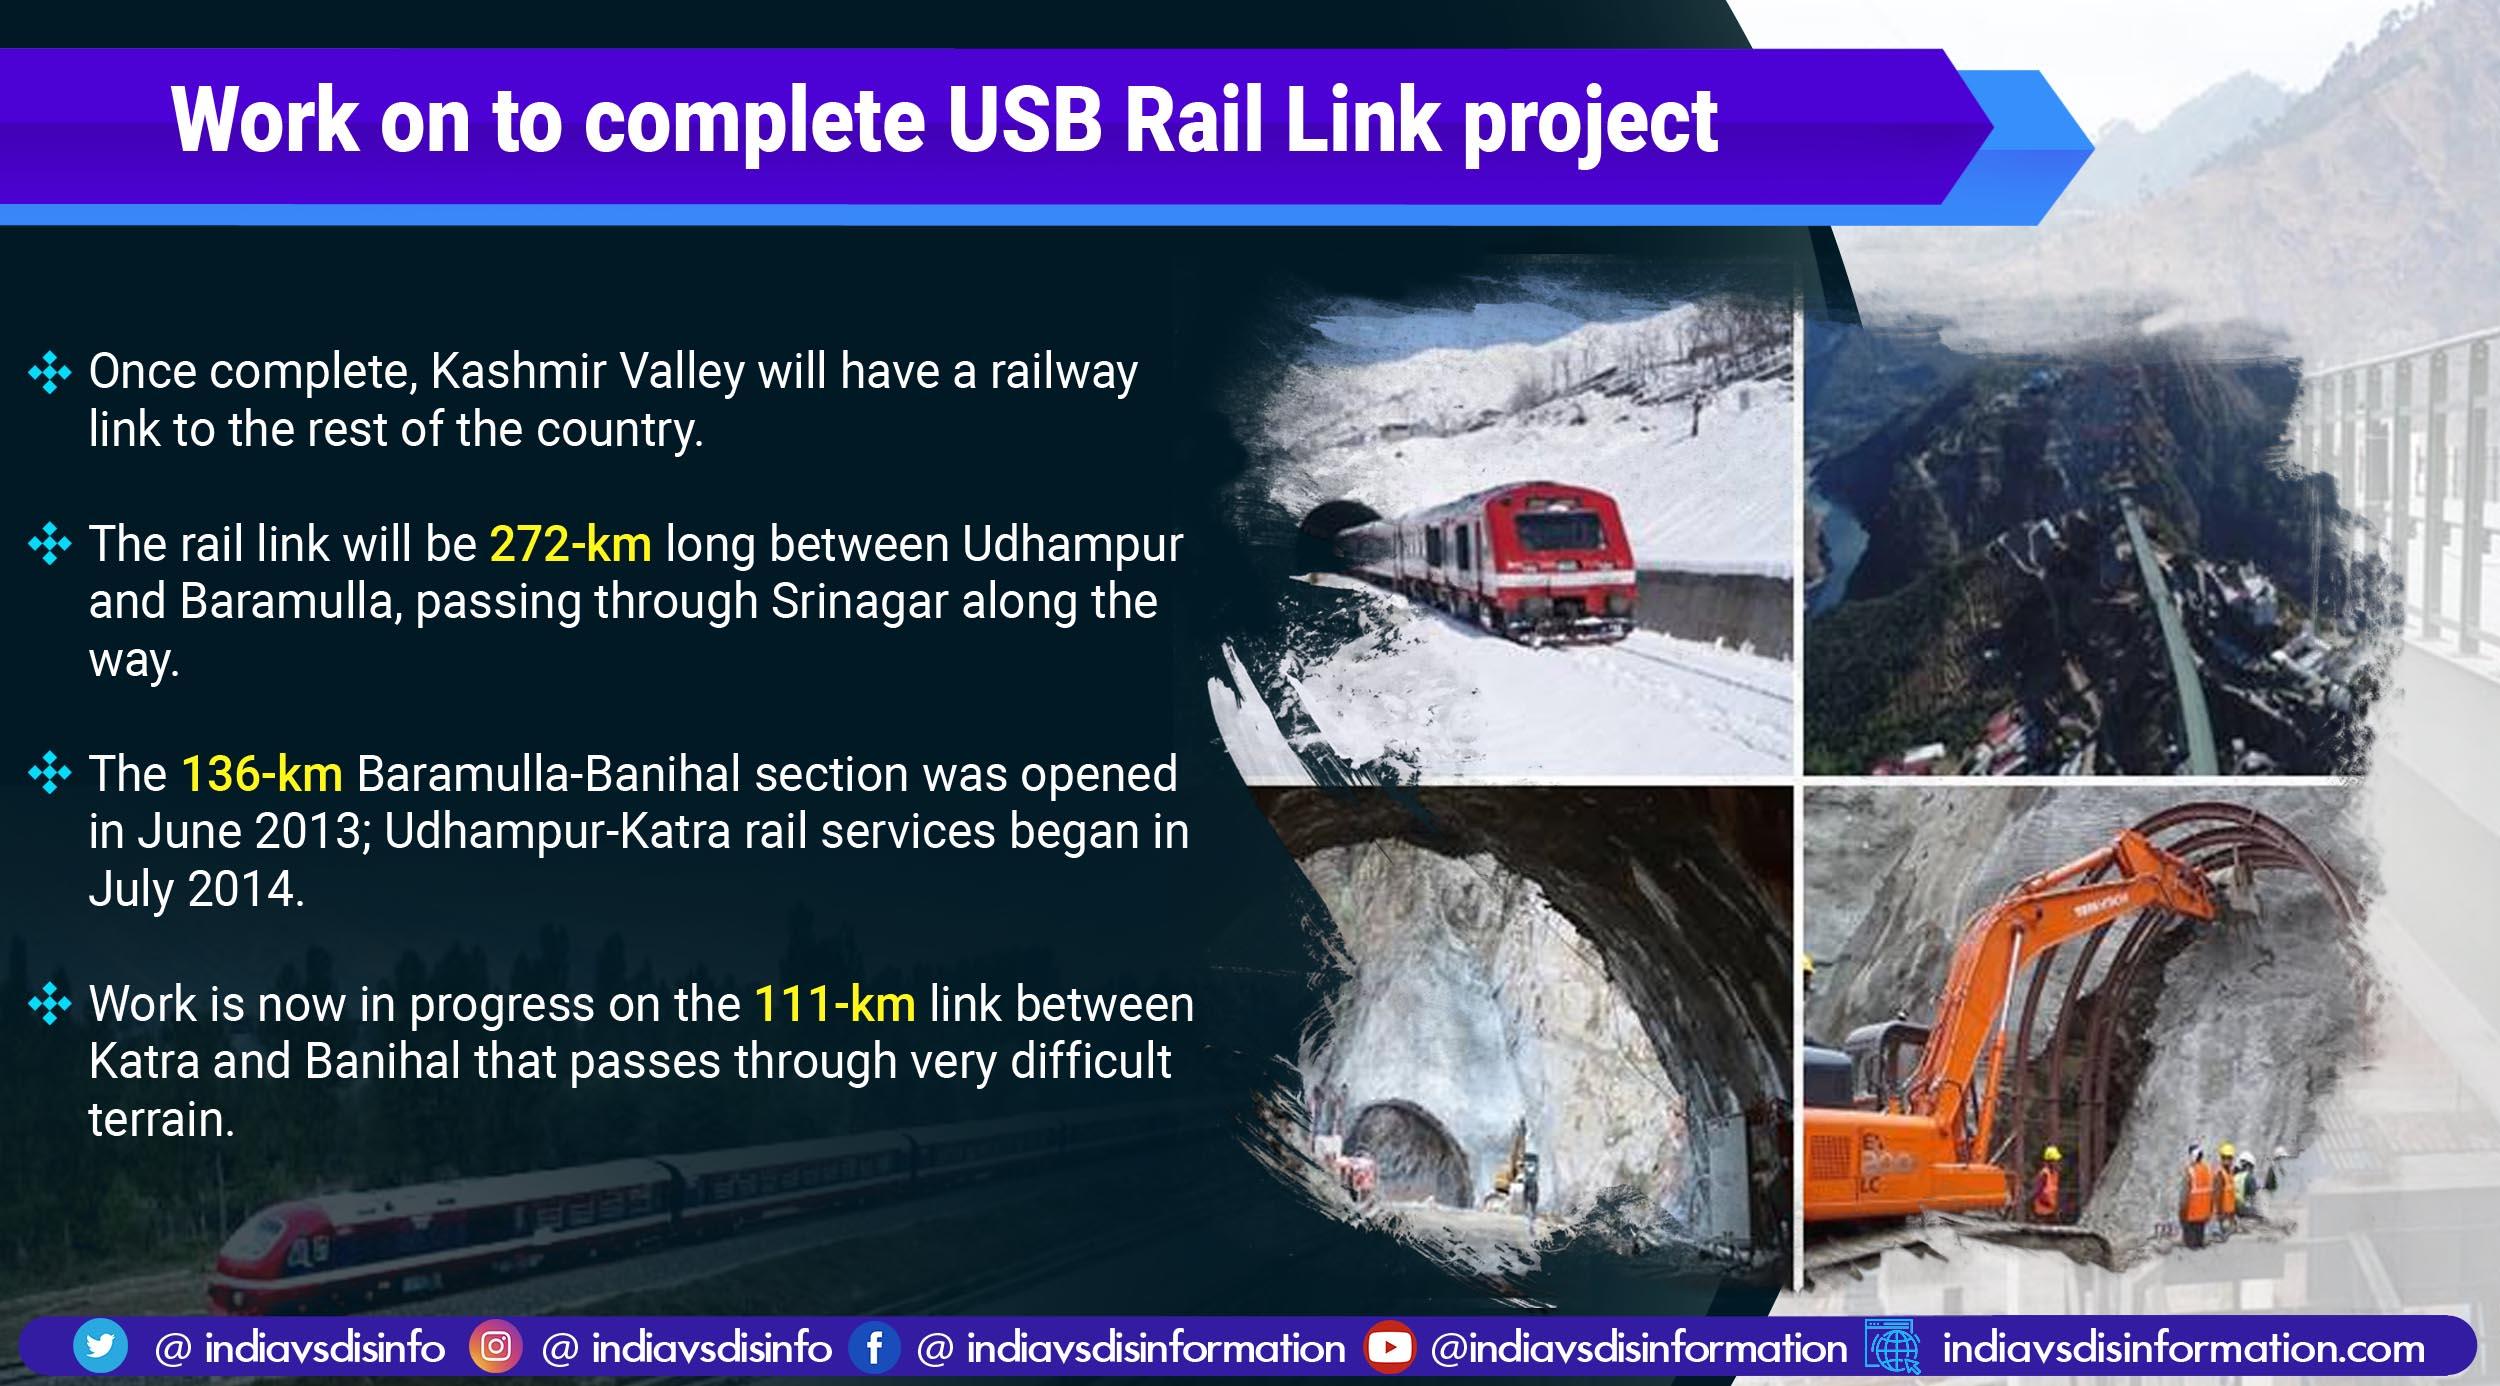 Le dernier tronçon de la liaison ferroviaire Udhampur-Srinagar-Baramulla sera prêt d'ici décembre 2022